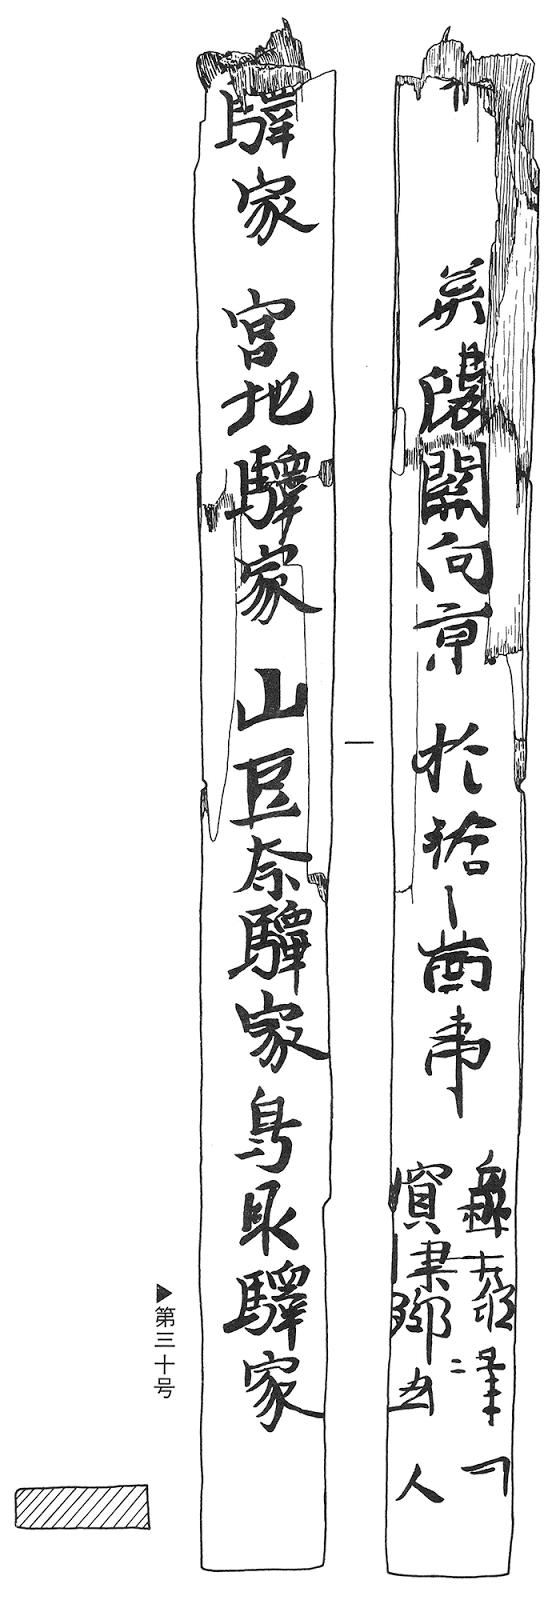 向坂鋼二編著伊場木簡8頁第三〇号過所木簡